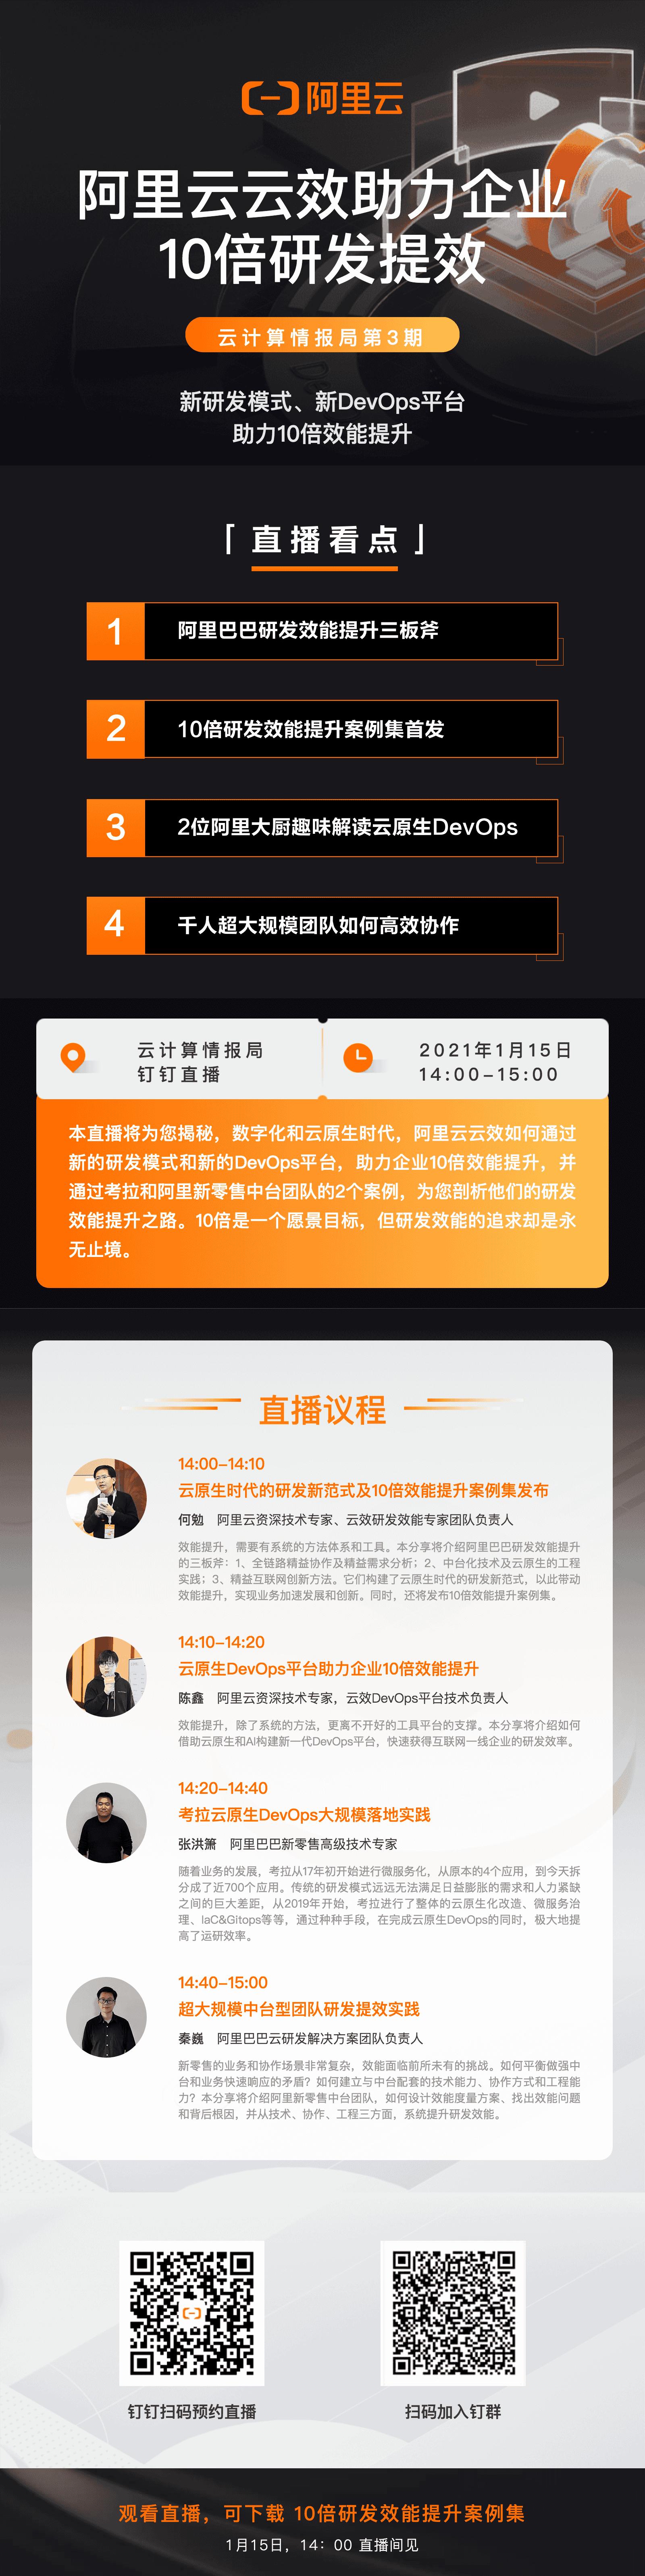 1月15日海报压缩.png